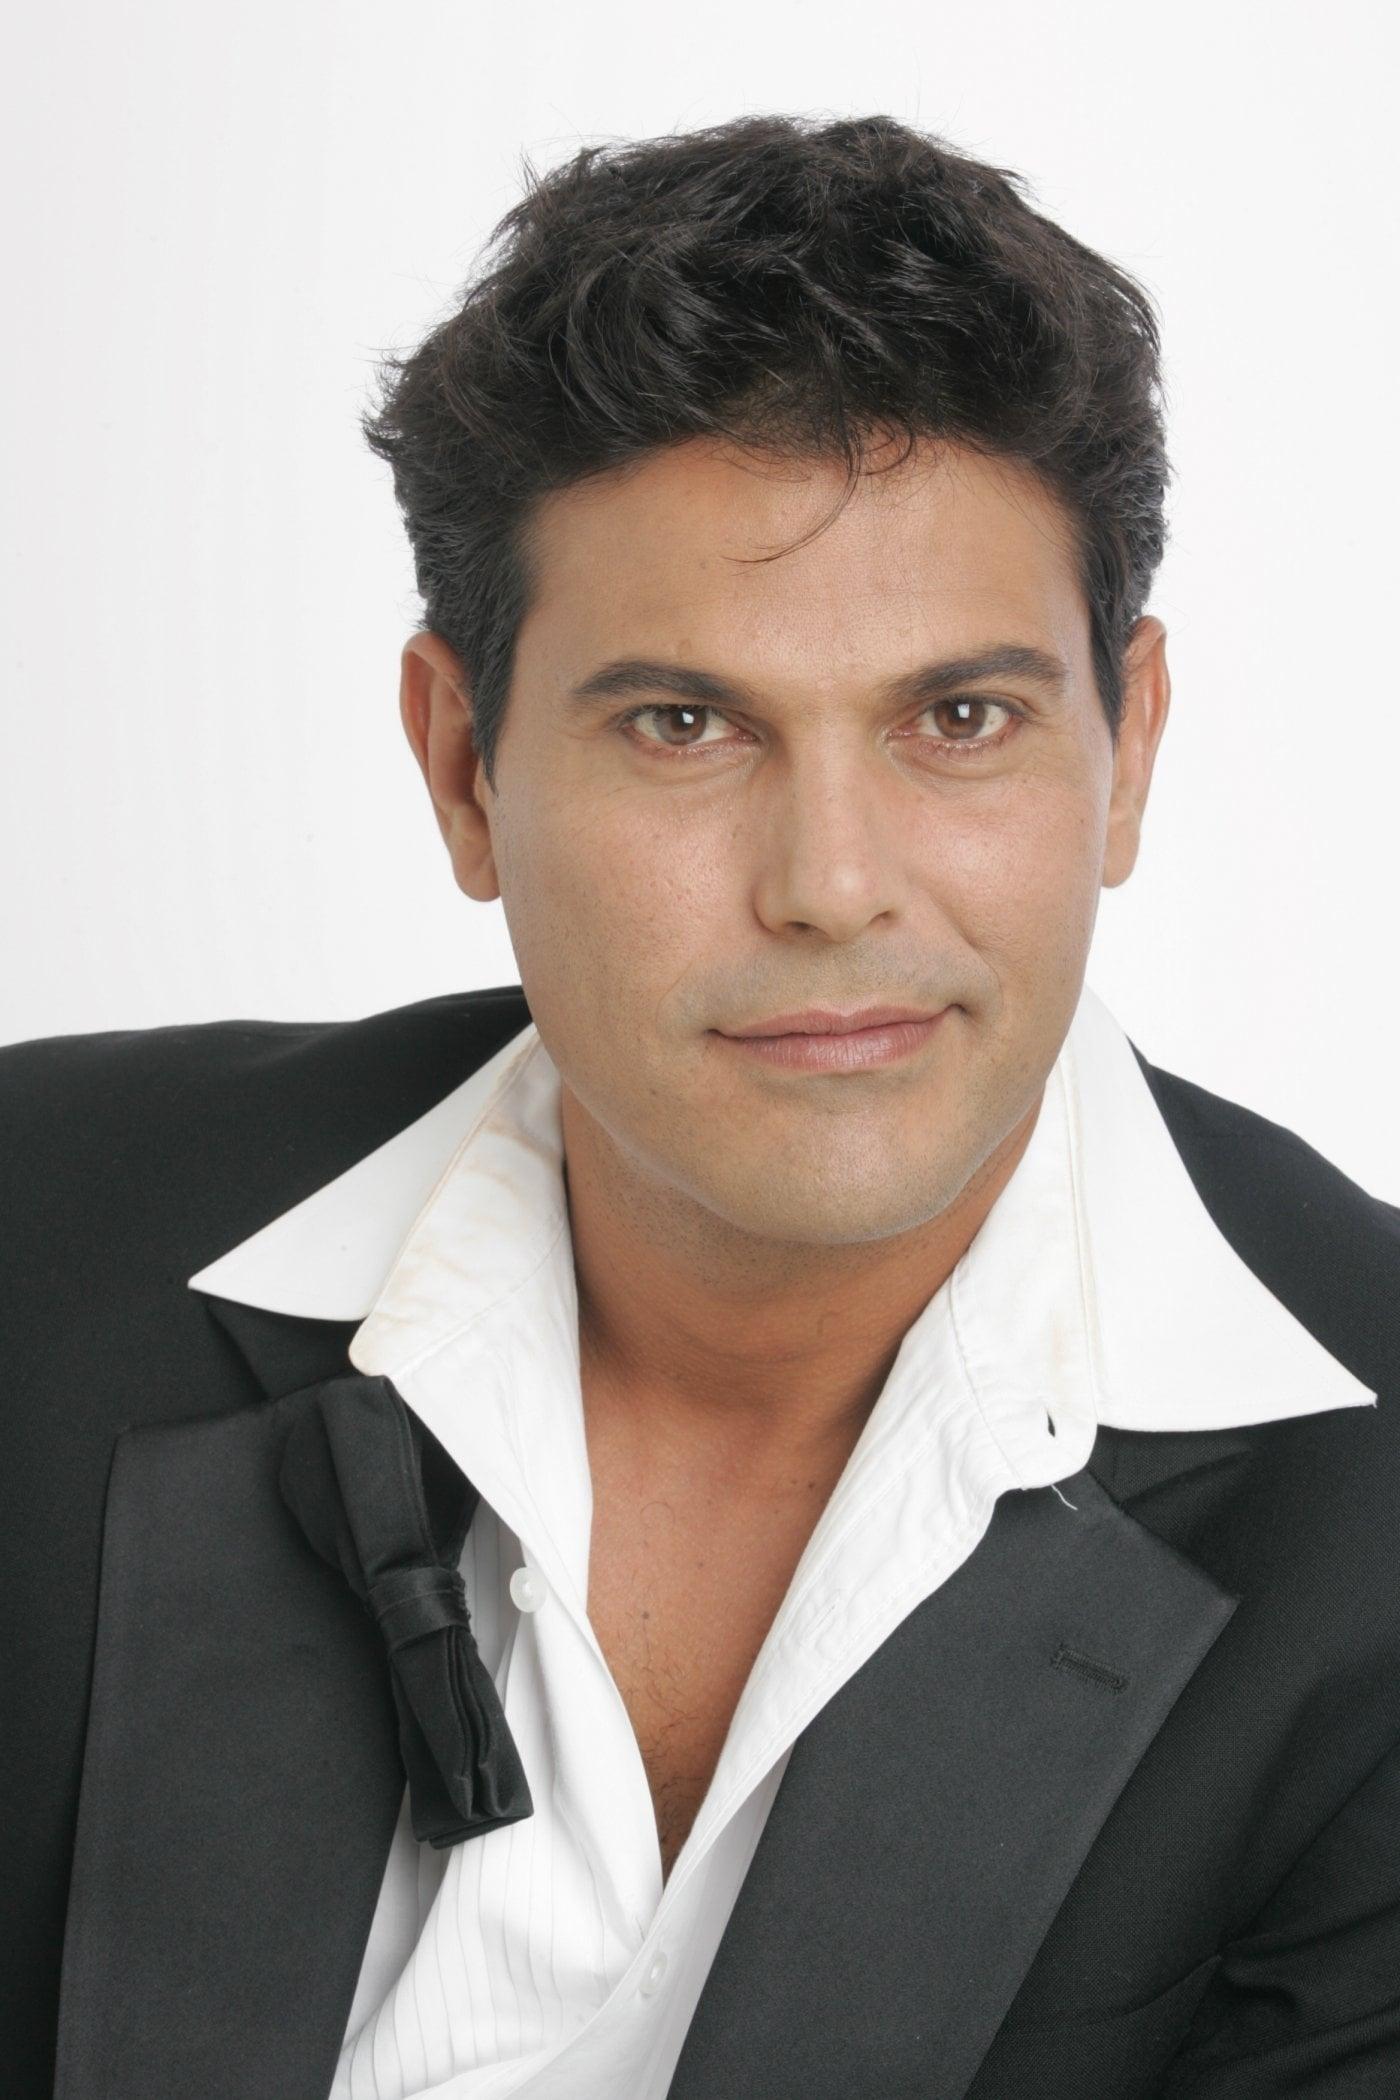 Francisco Gattorno